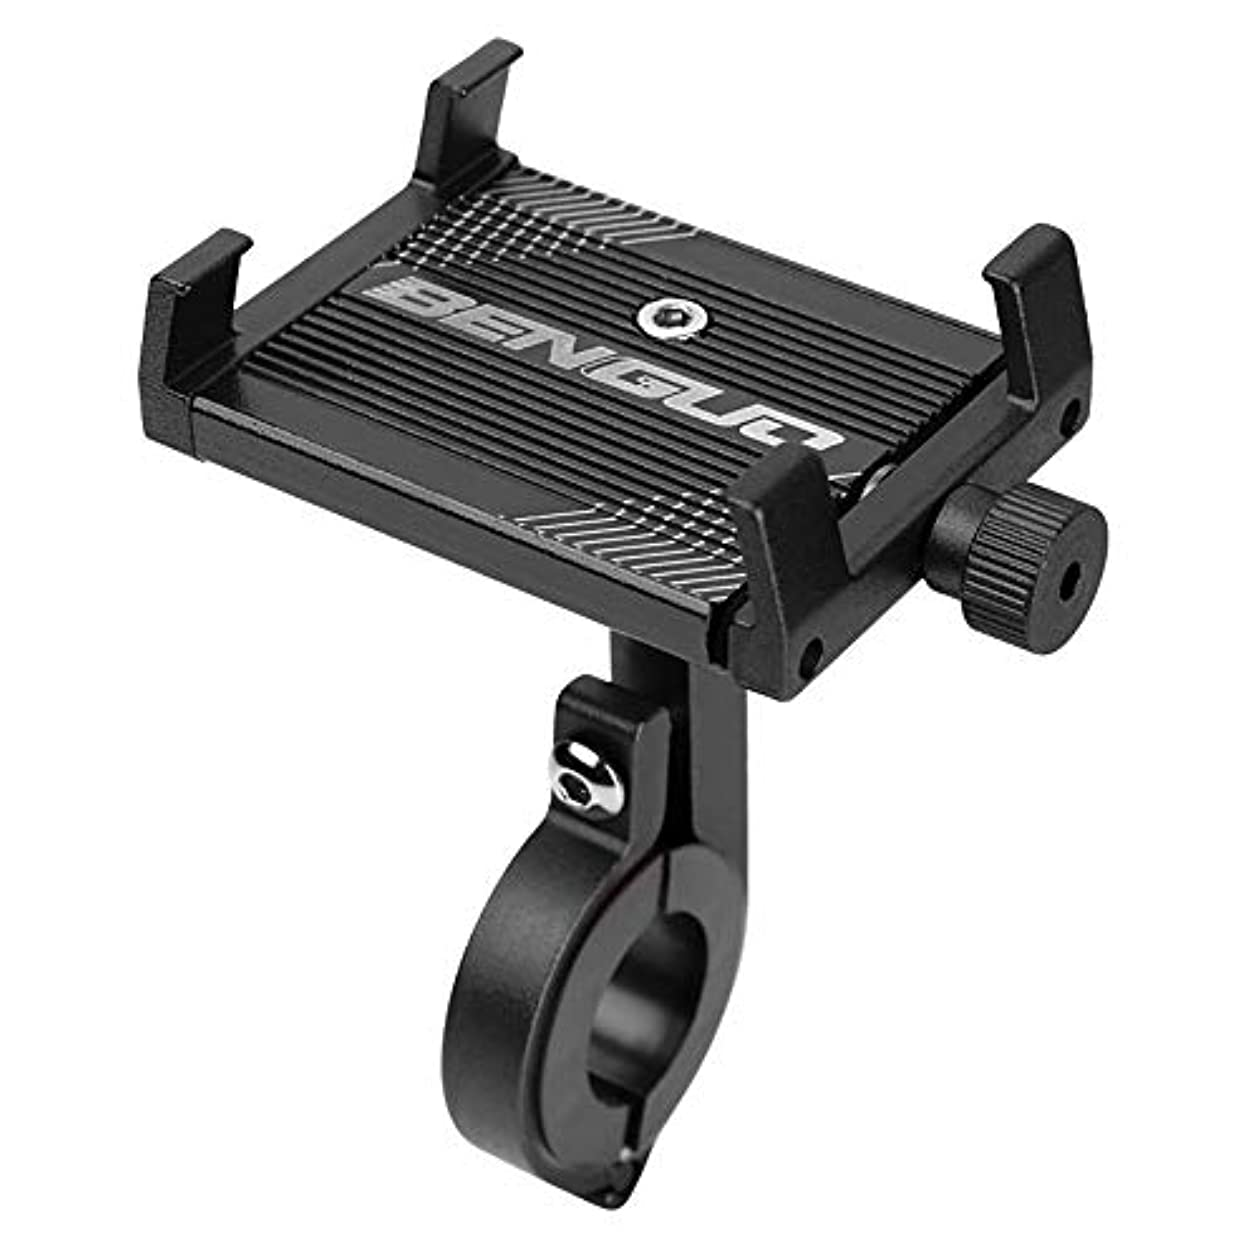 フラッシュのように素早くワイヤー多年生自転車ホルダー  スマホ バイクホルダー GPSナビ用 アルミ製 360度回転可 揺れ防止 脱落防止 調整可能 強力な保護